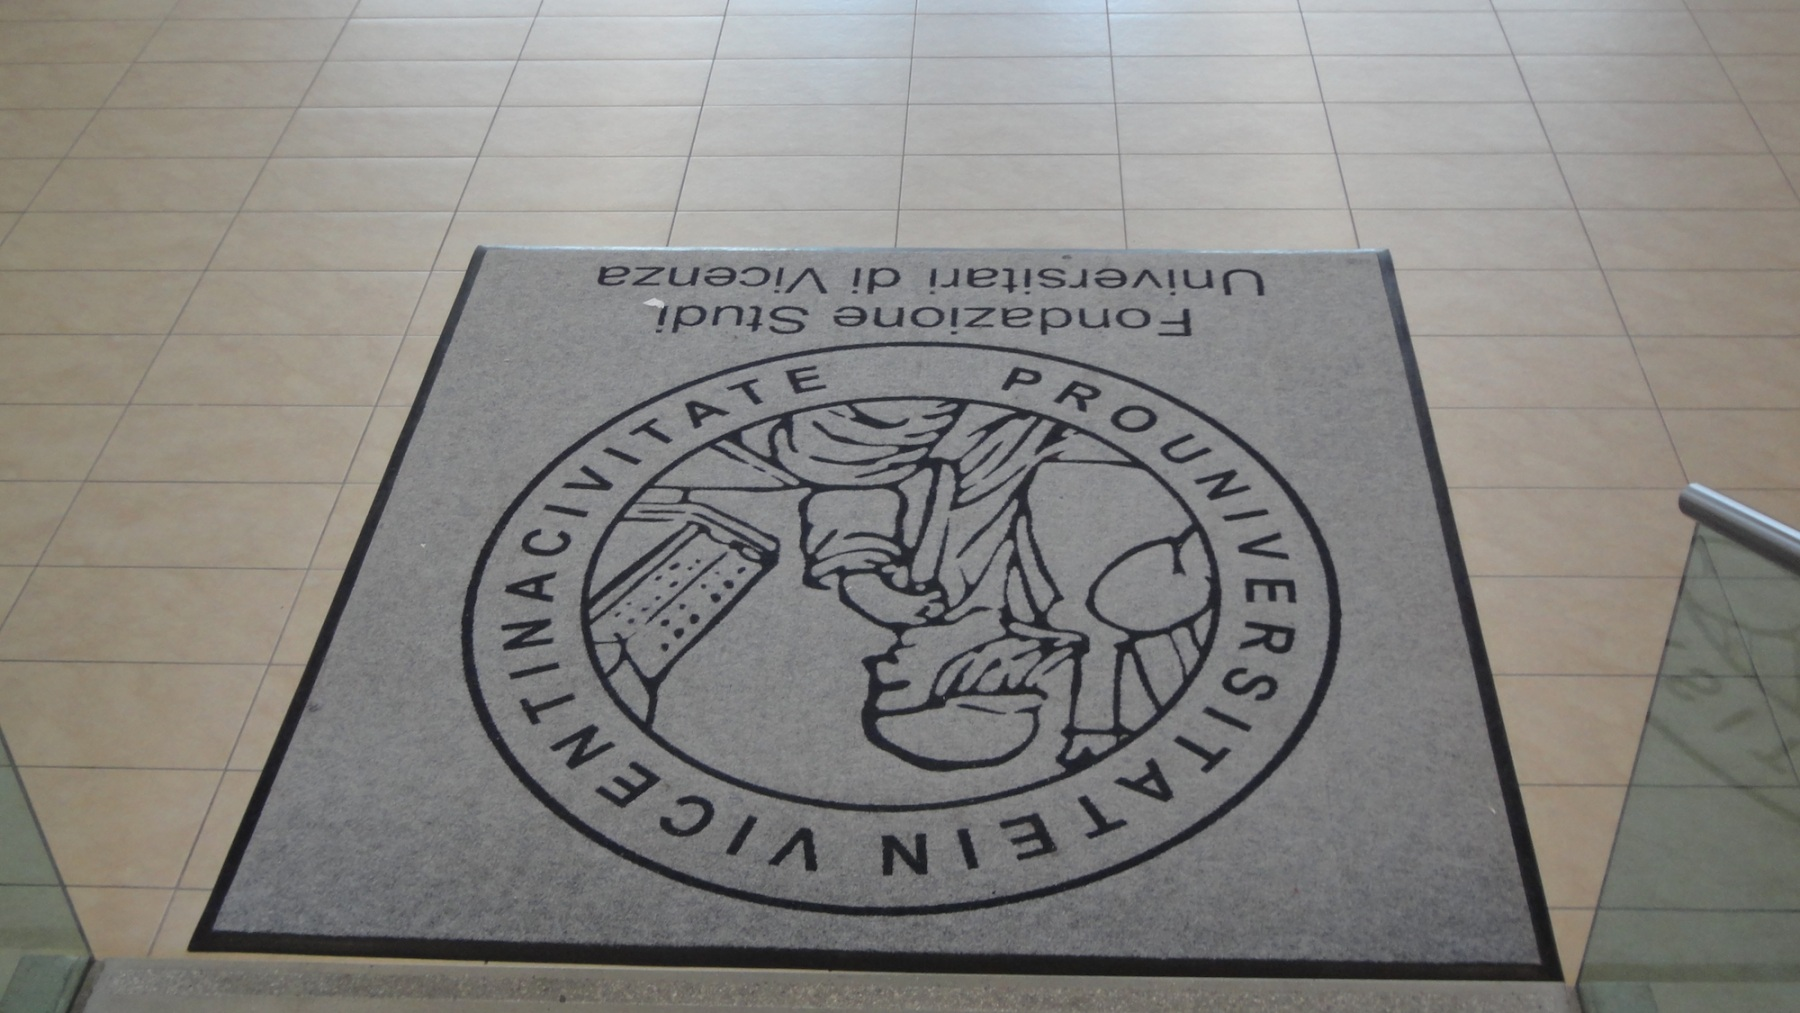 universita-di-vicenza-polo-universitario-15